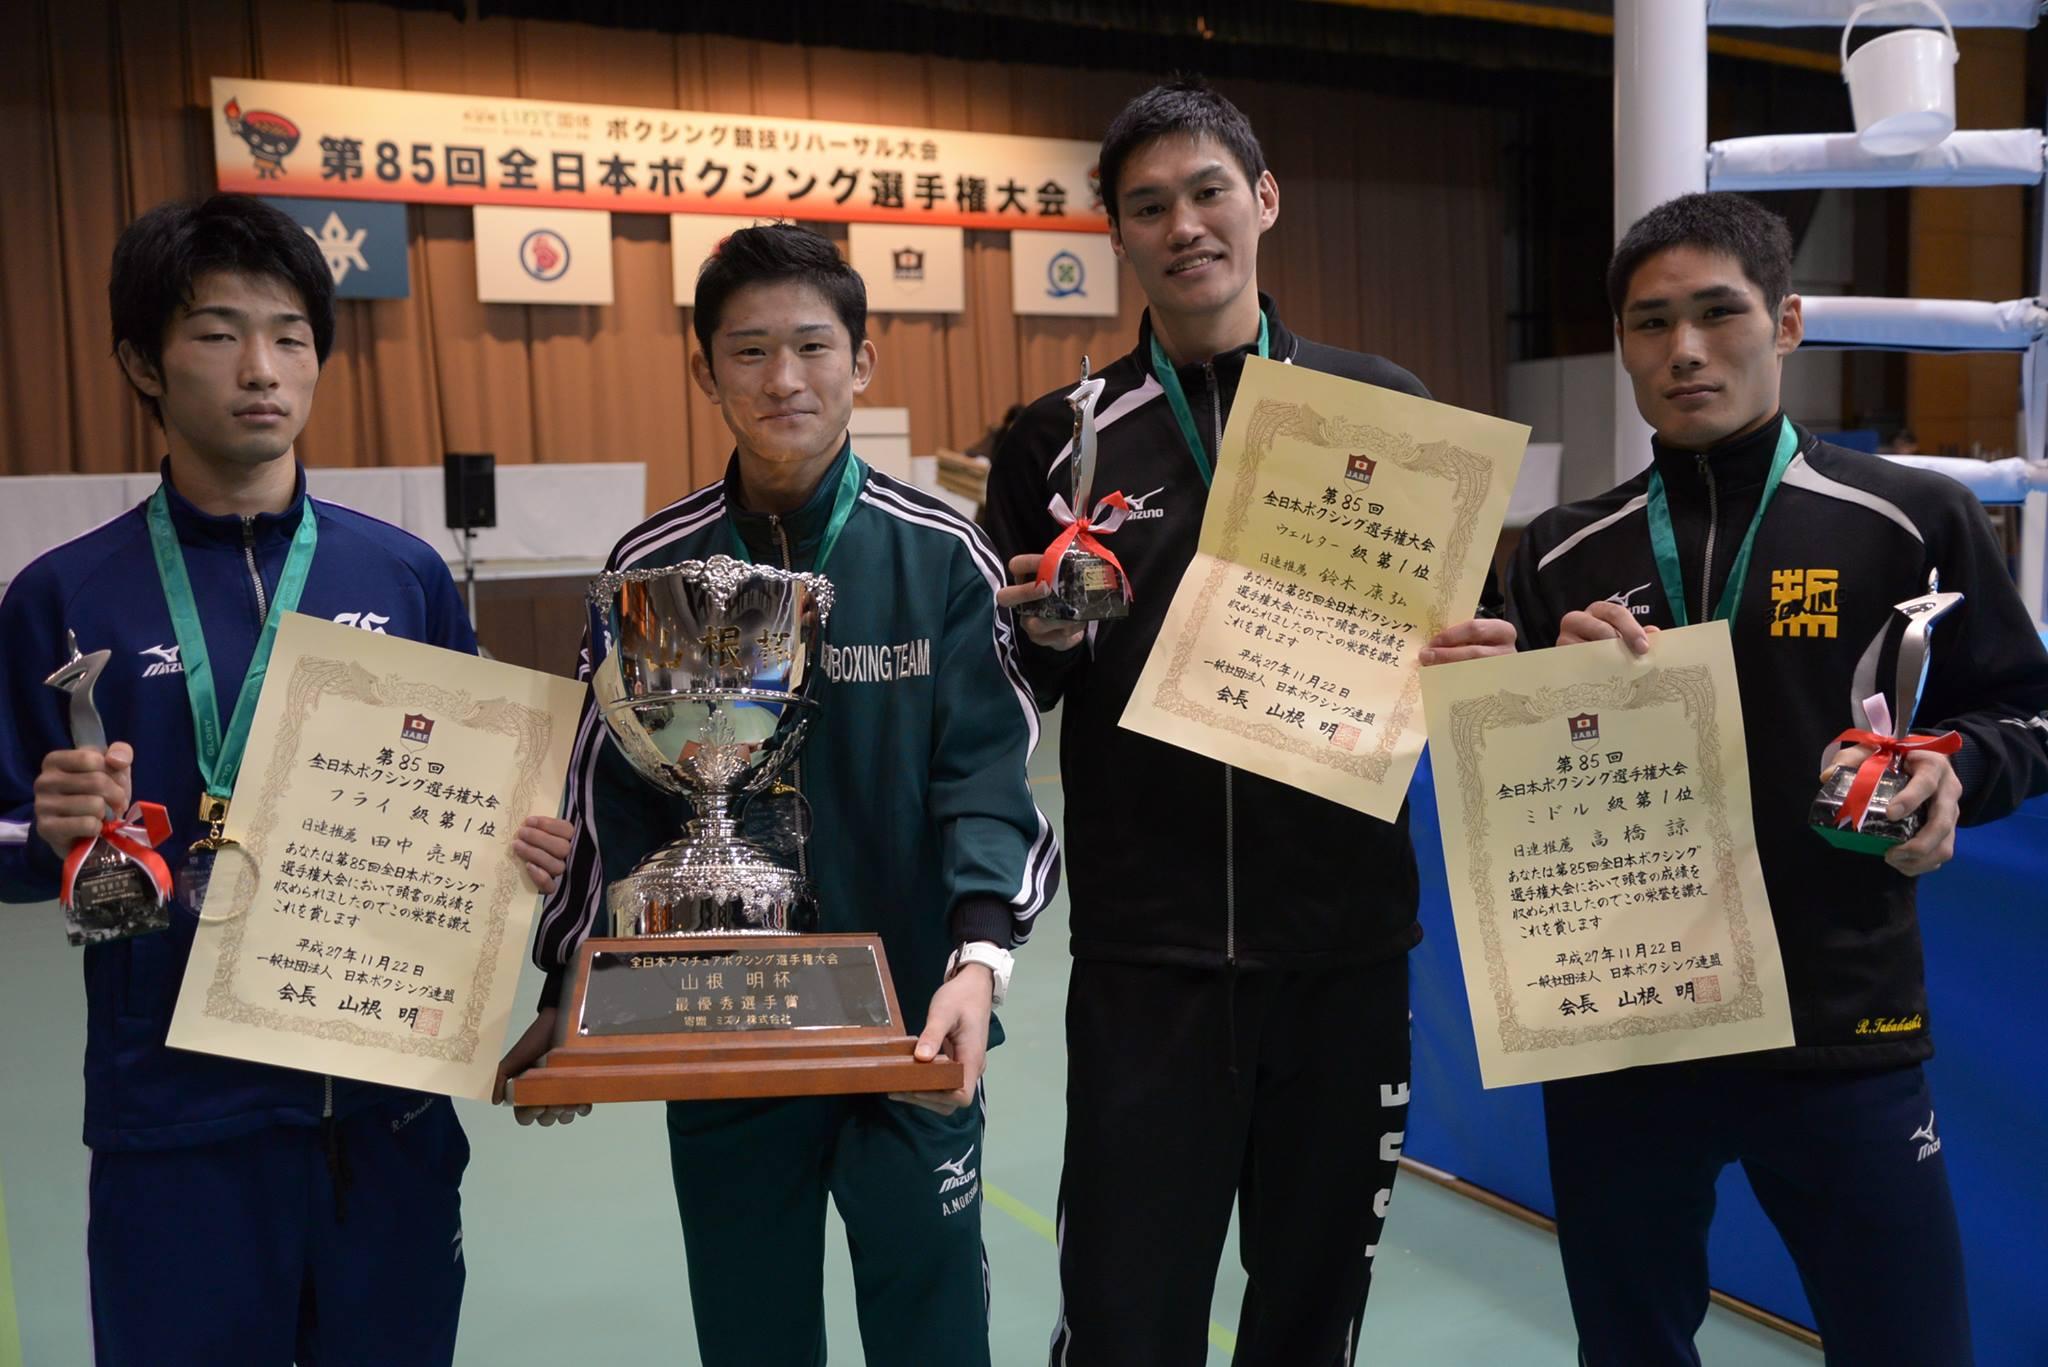 Ryomei Tanaka - Yasuhiro Suzuki - Arashi Morisaka - Naoto Takahashi